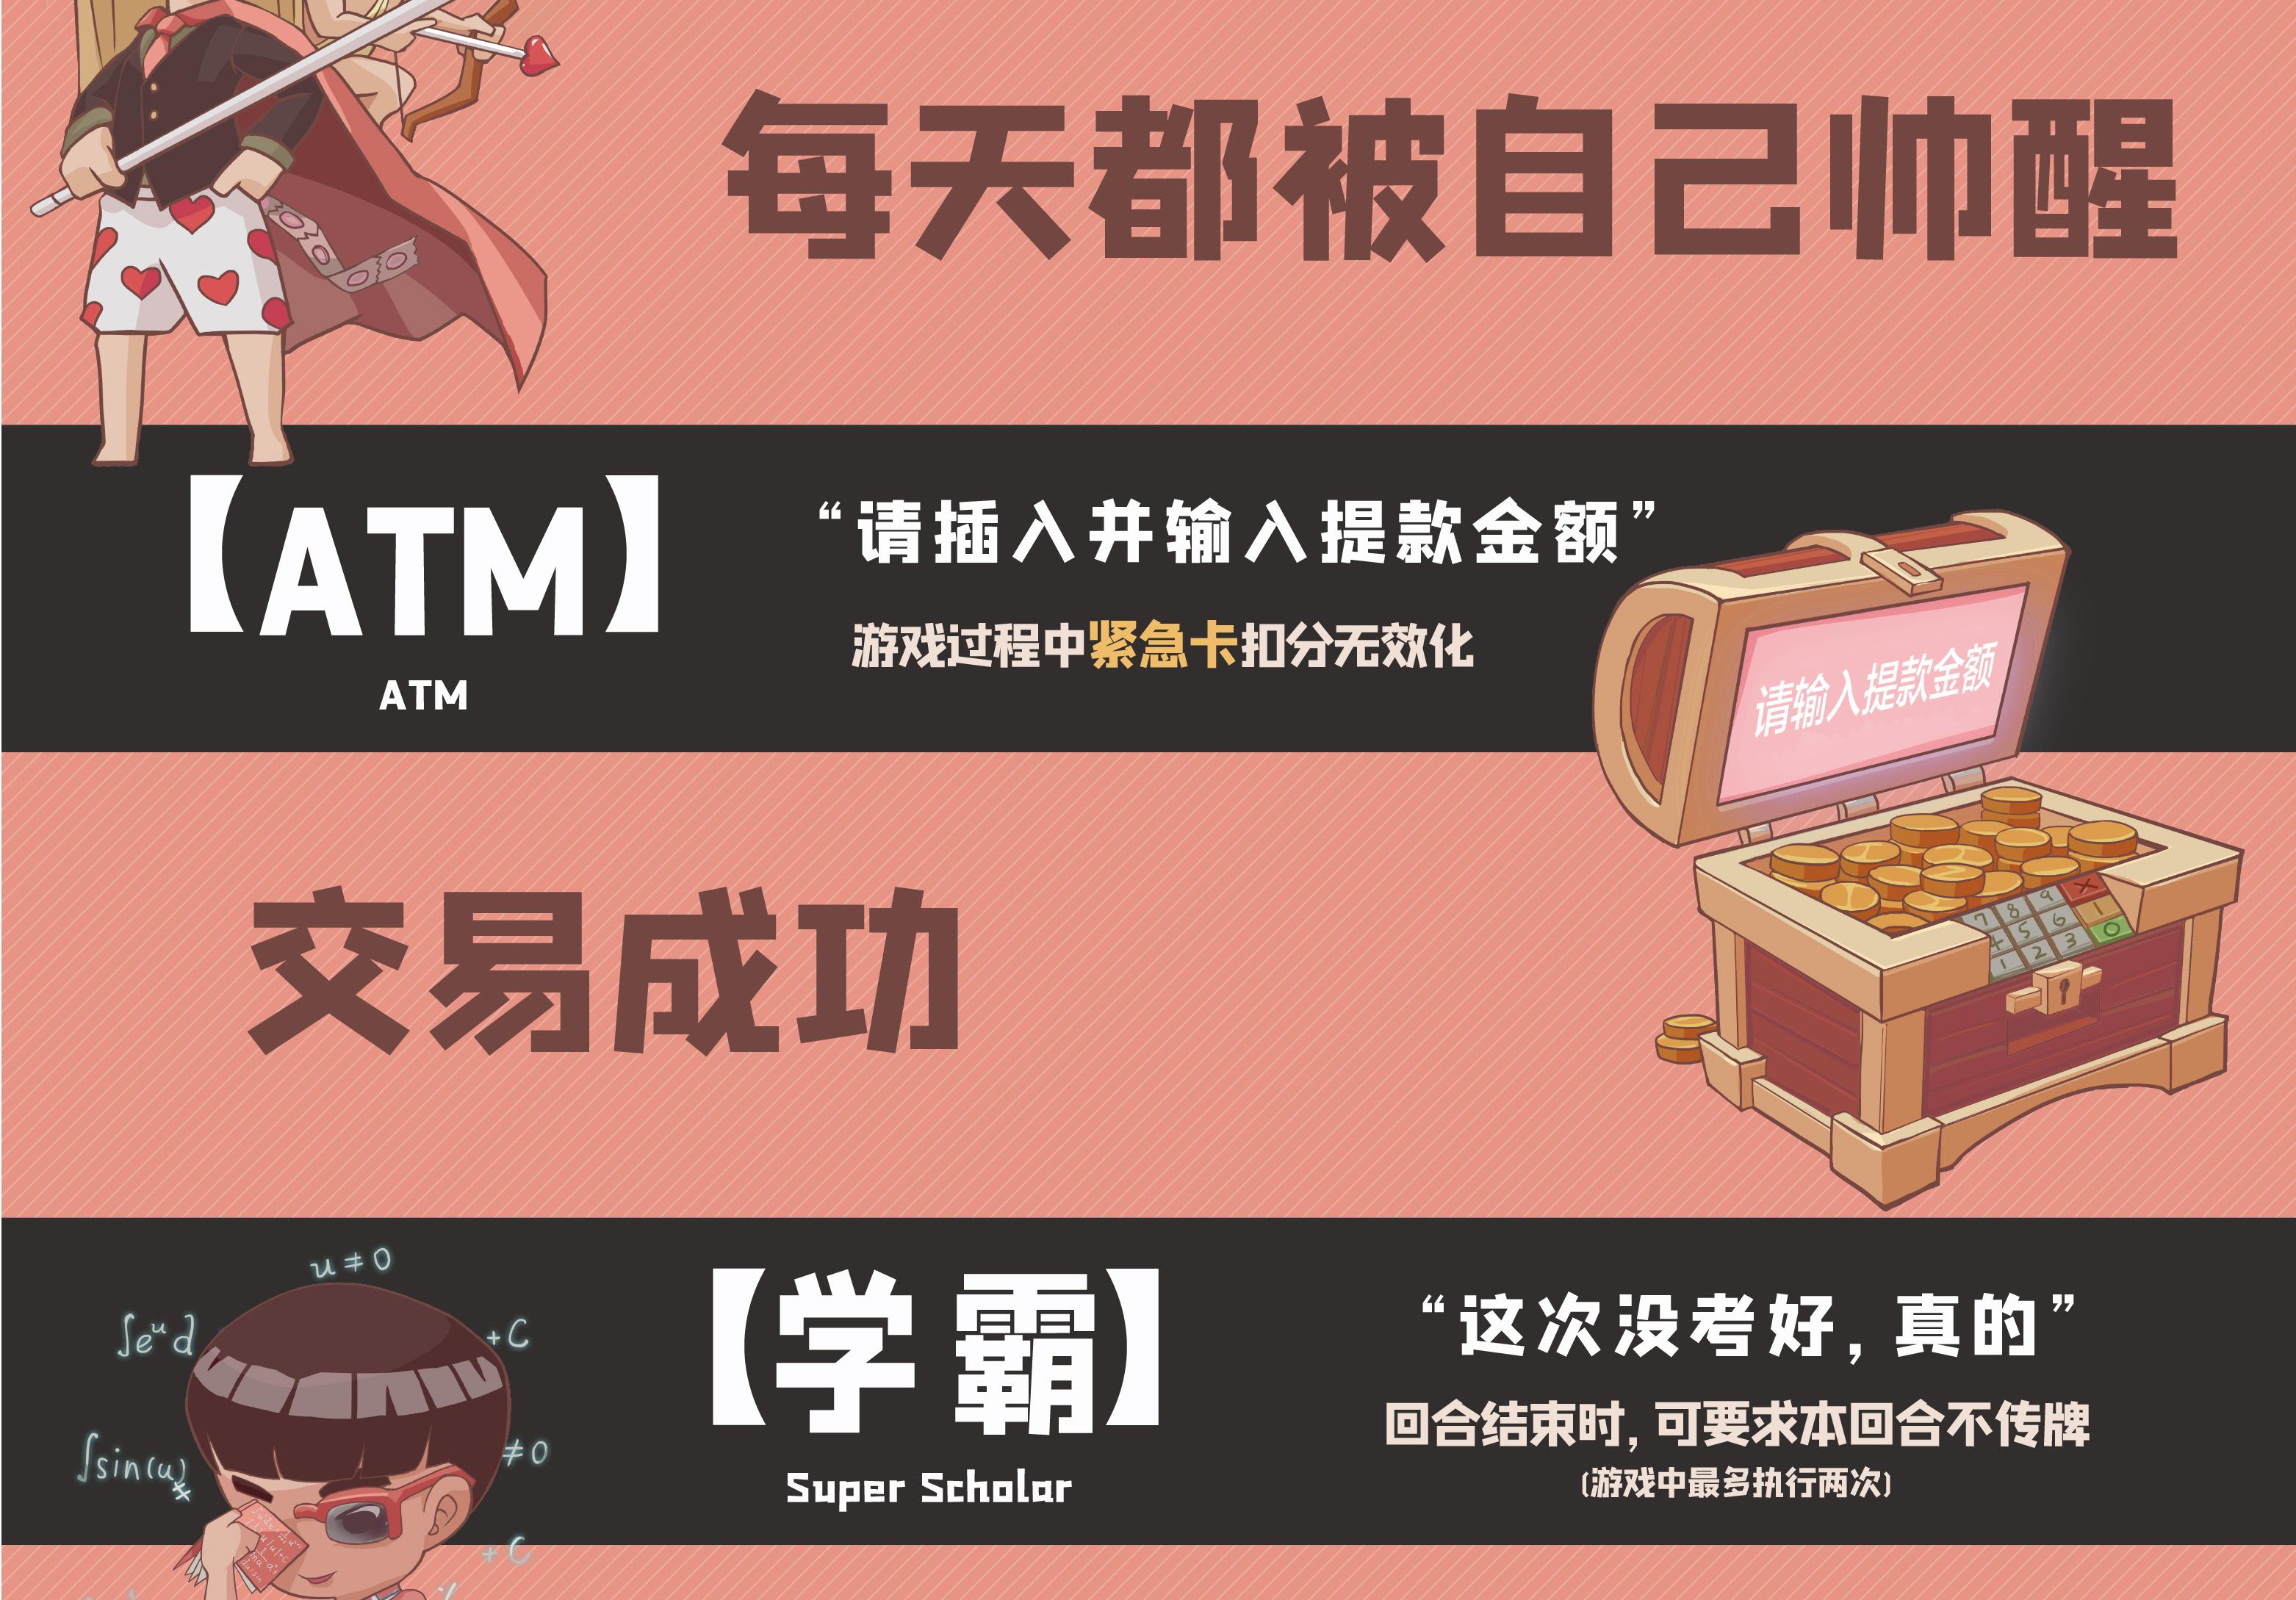 20190904-众筹封面-详情_画板-1_14.jpg